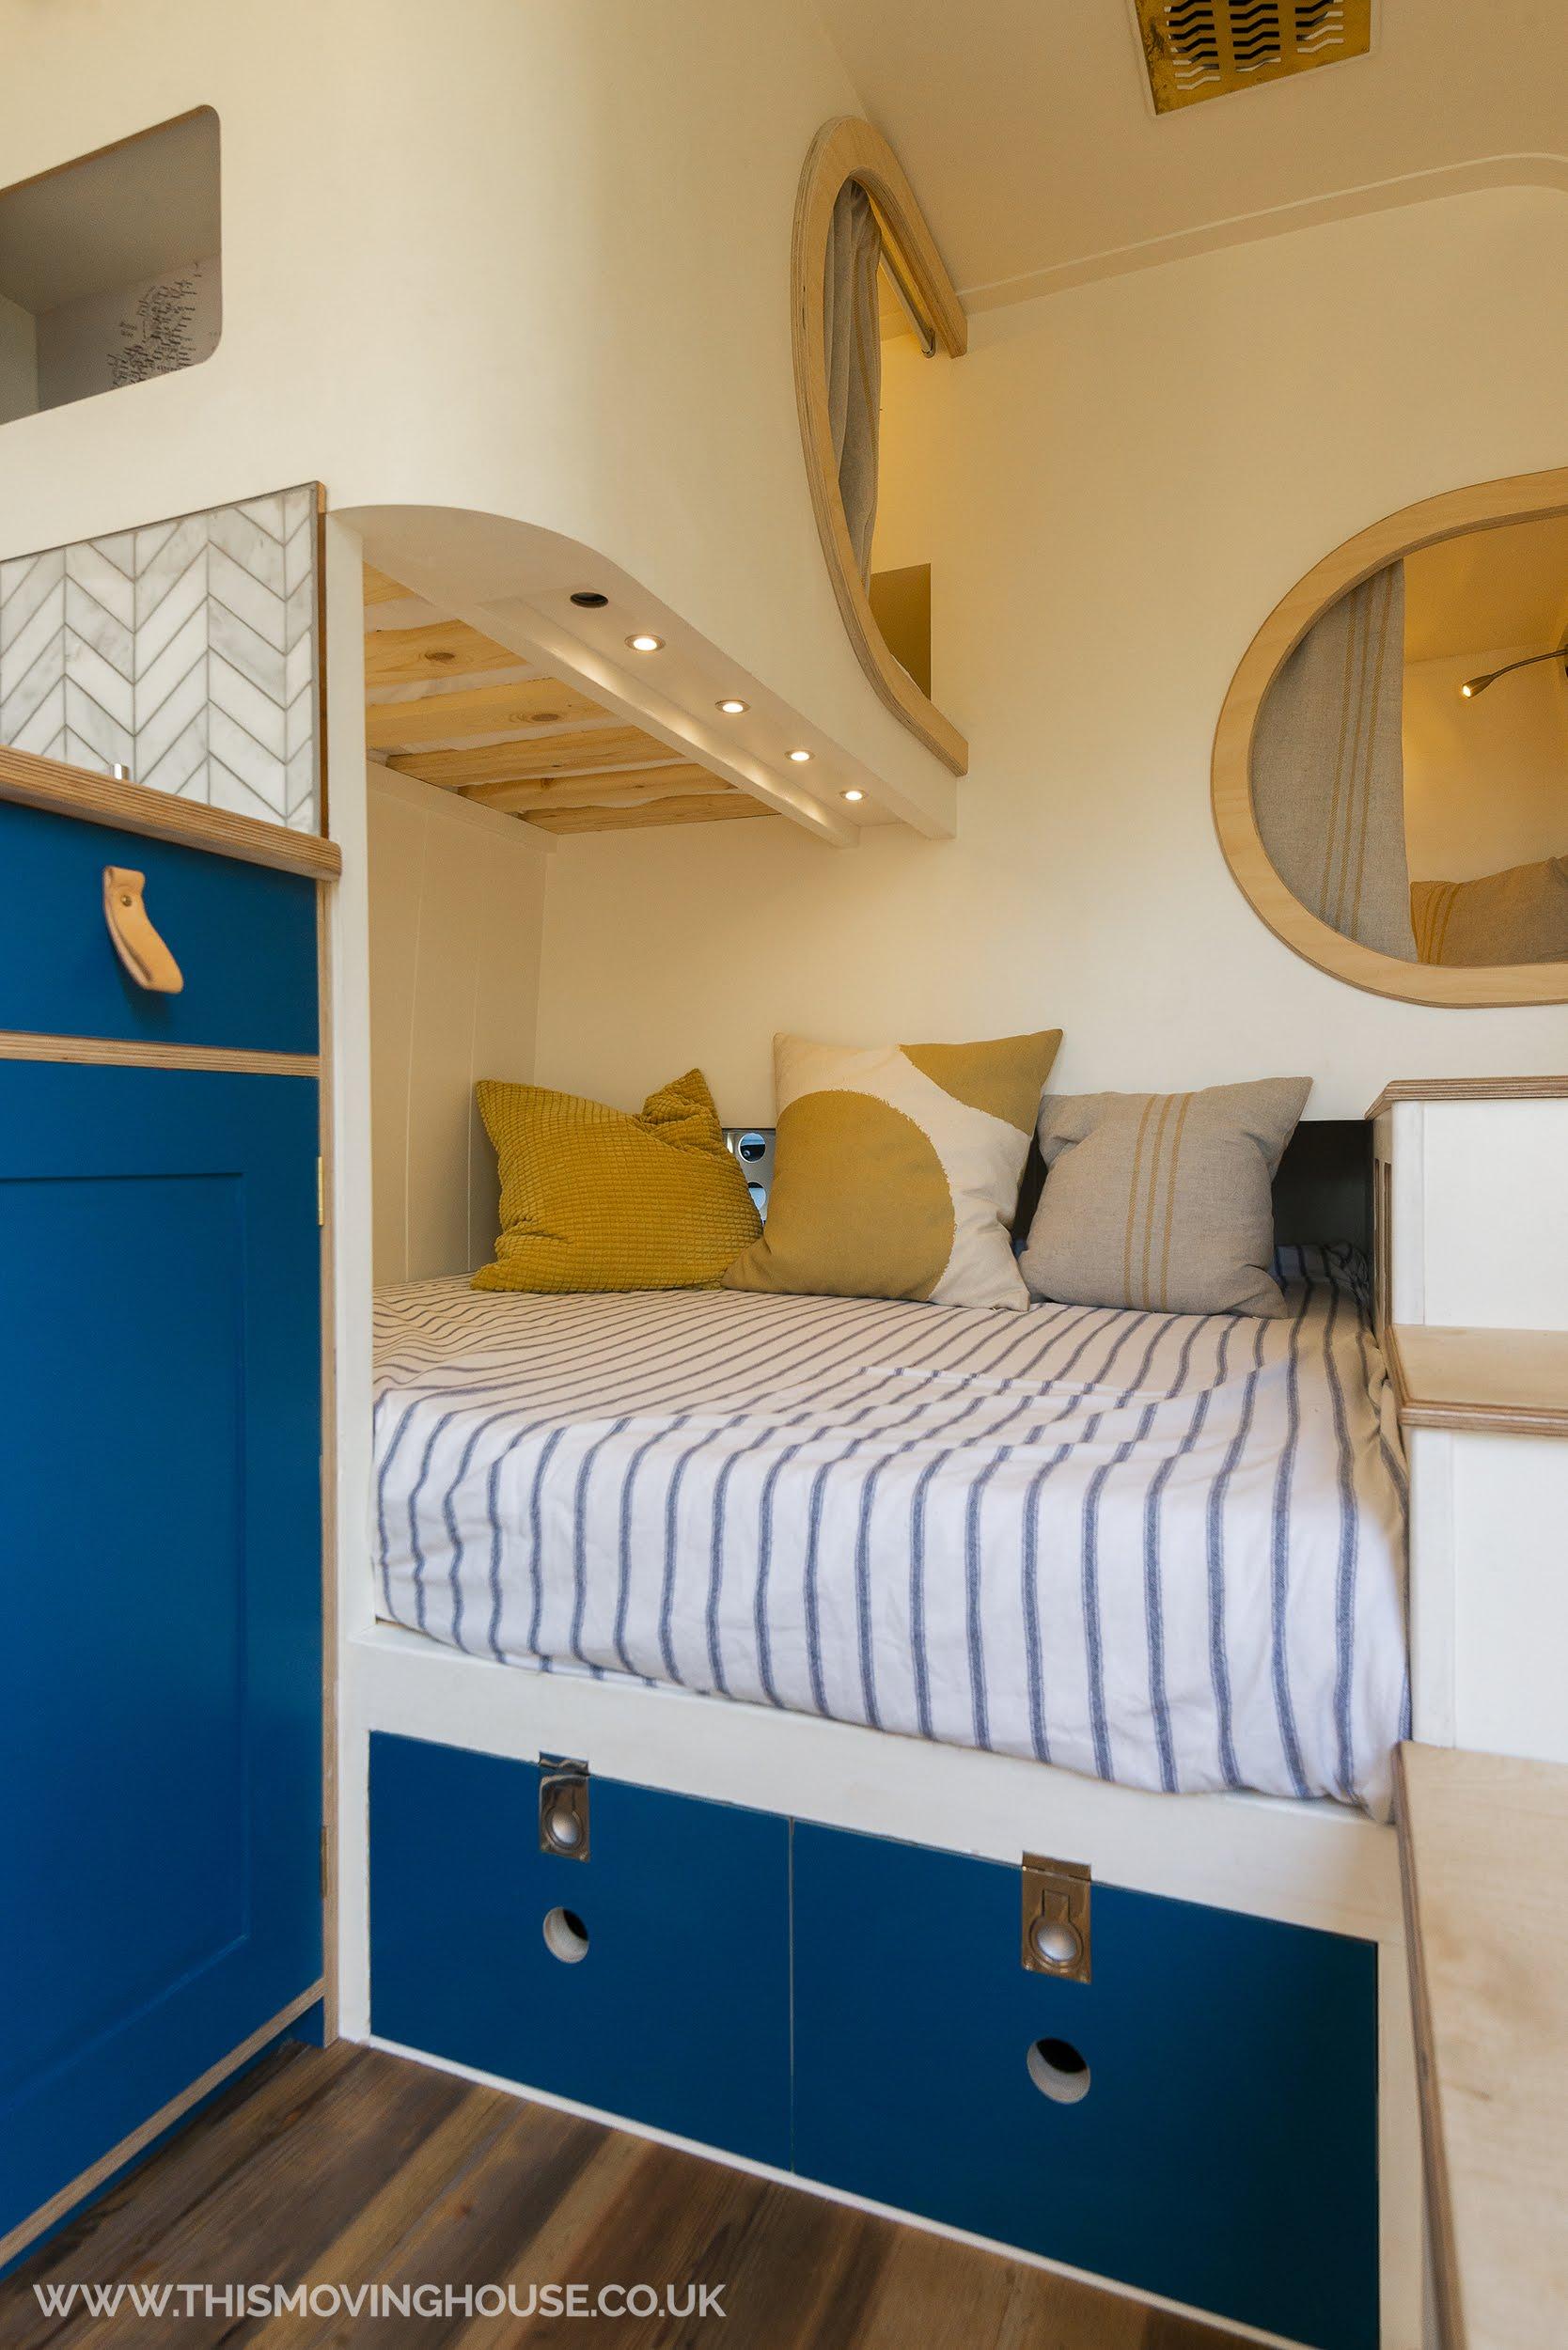 camper van with 12v down lighting